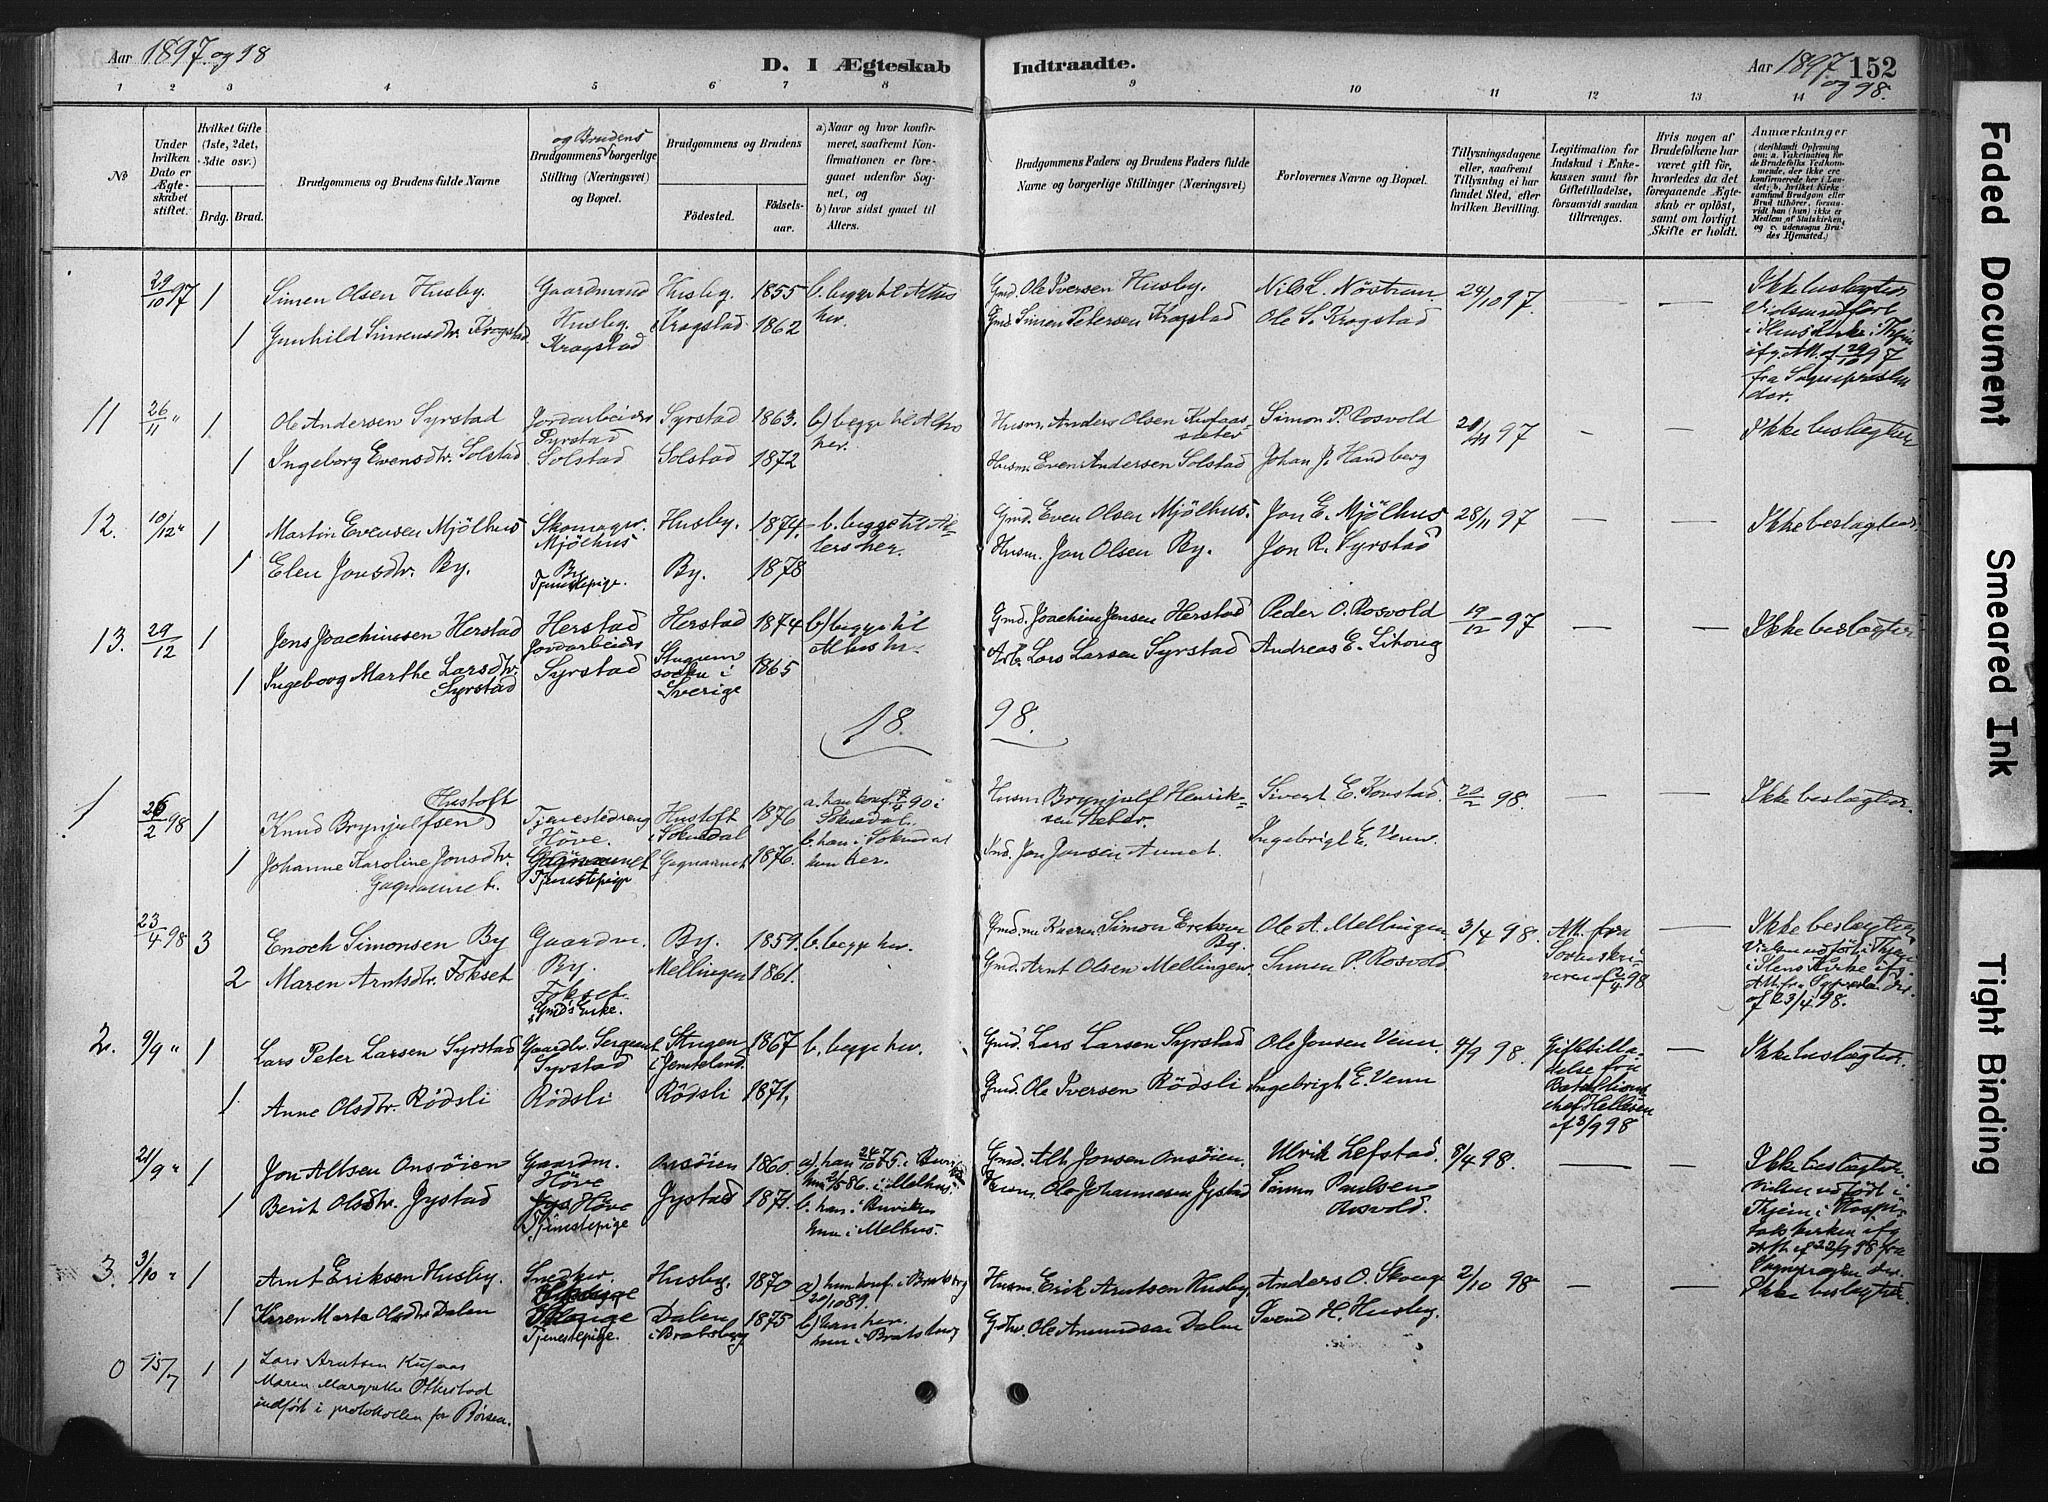 SAT, Ministerialprotokoller, klokkerbøker og fødselsregistre - Sør-Trøndelag, 667/L0795: Ministerialbok nr. 667A03, 1879-1907, s. 152